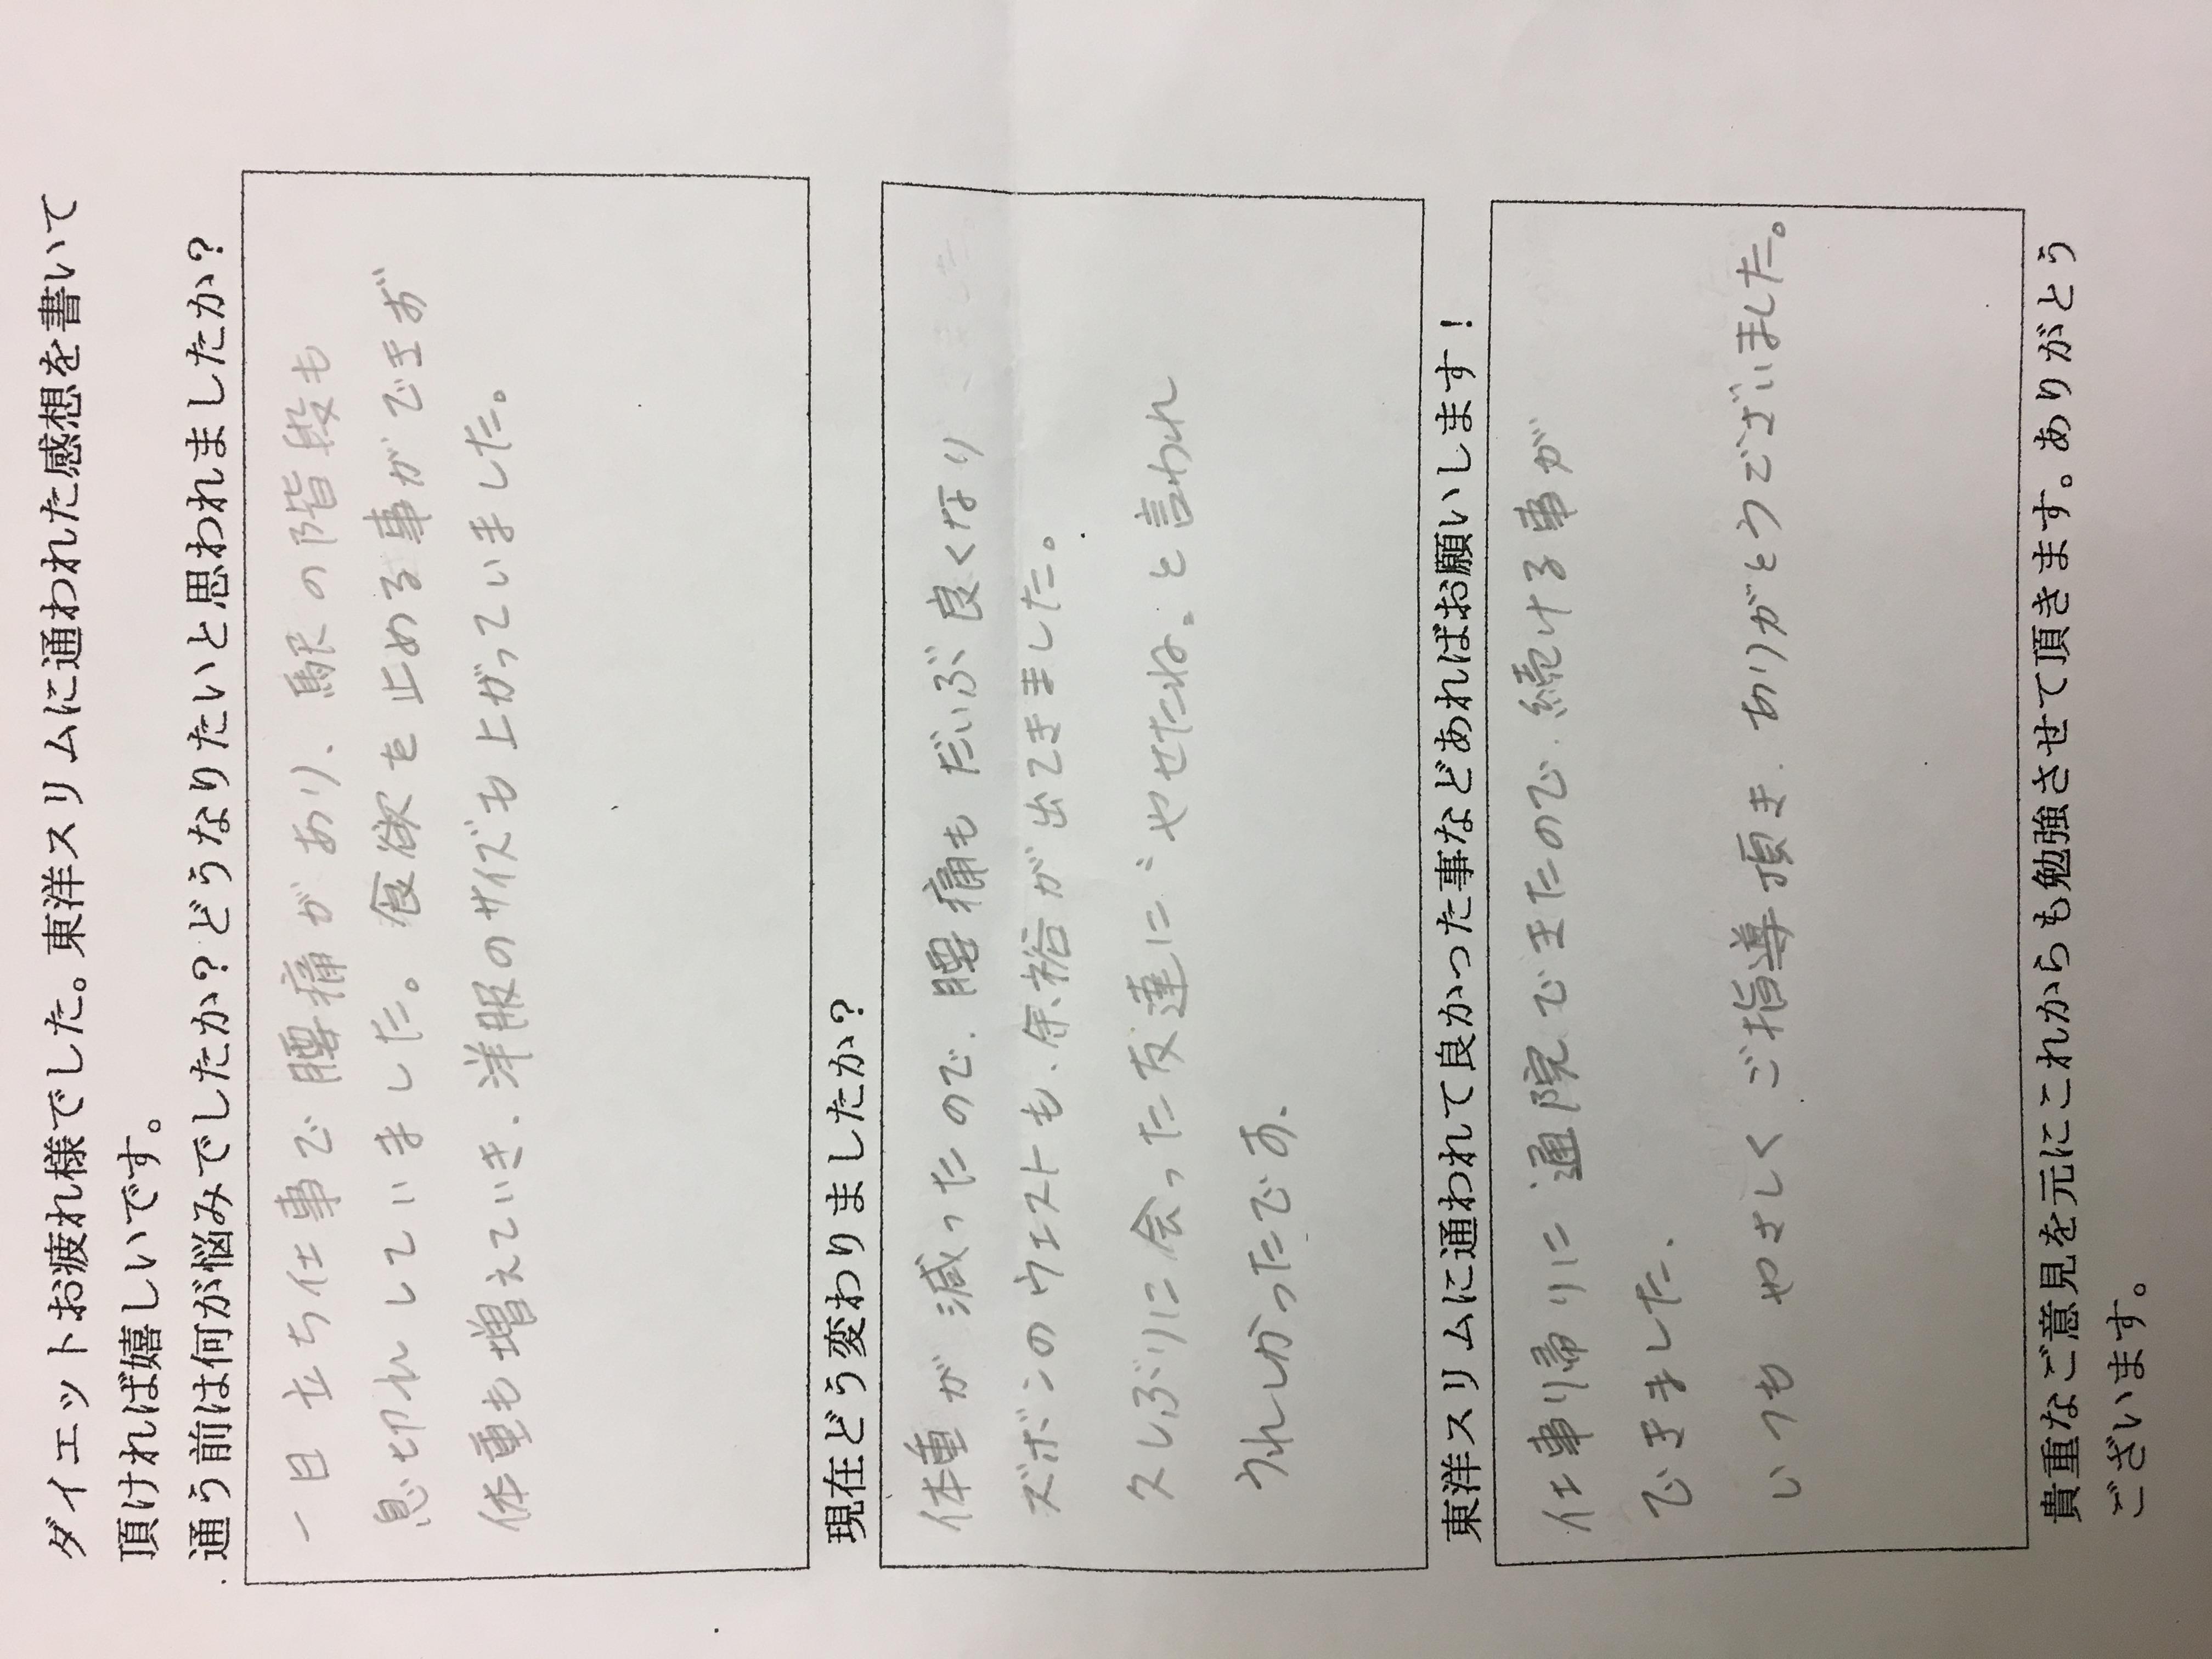 大阪府松原市Mさん49歳耳つぼダイエットで12.7kg成功。腰痛が良くなってウエストに余裕ができた。